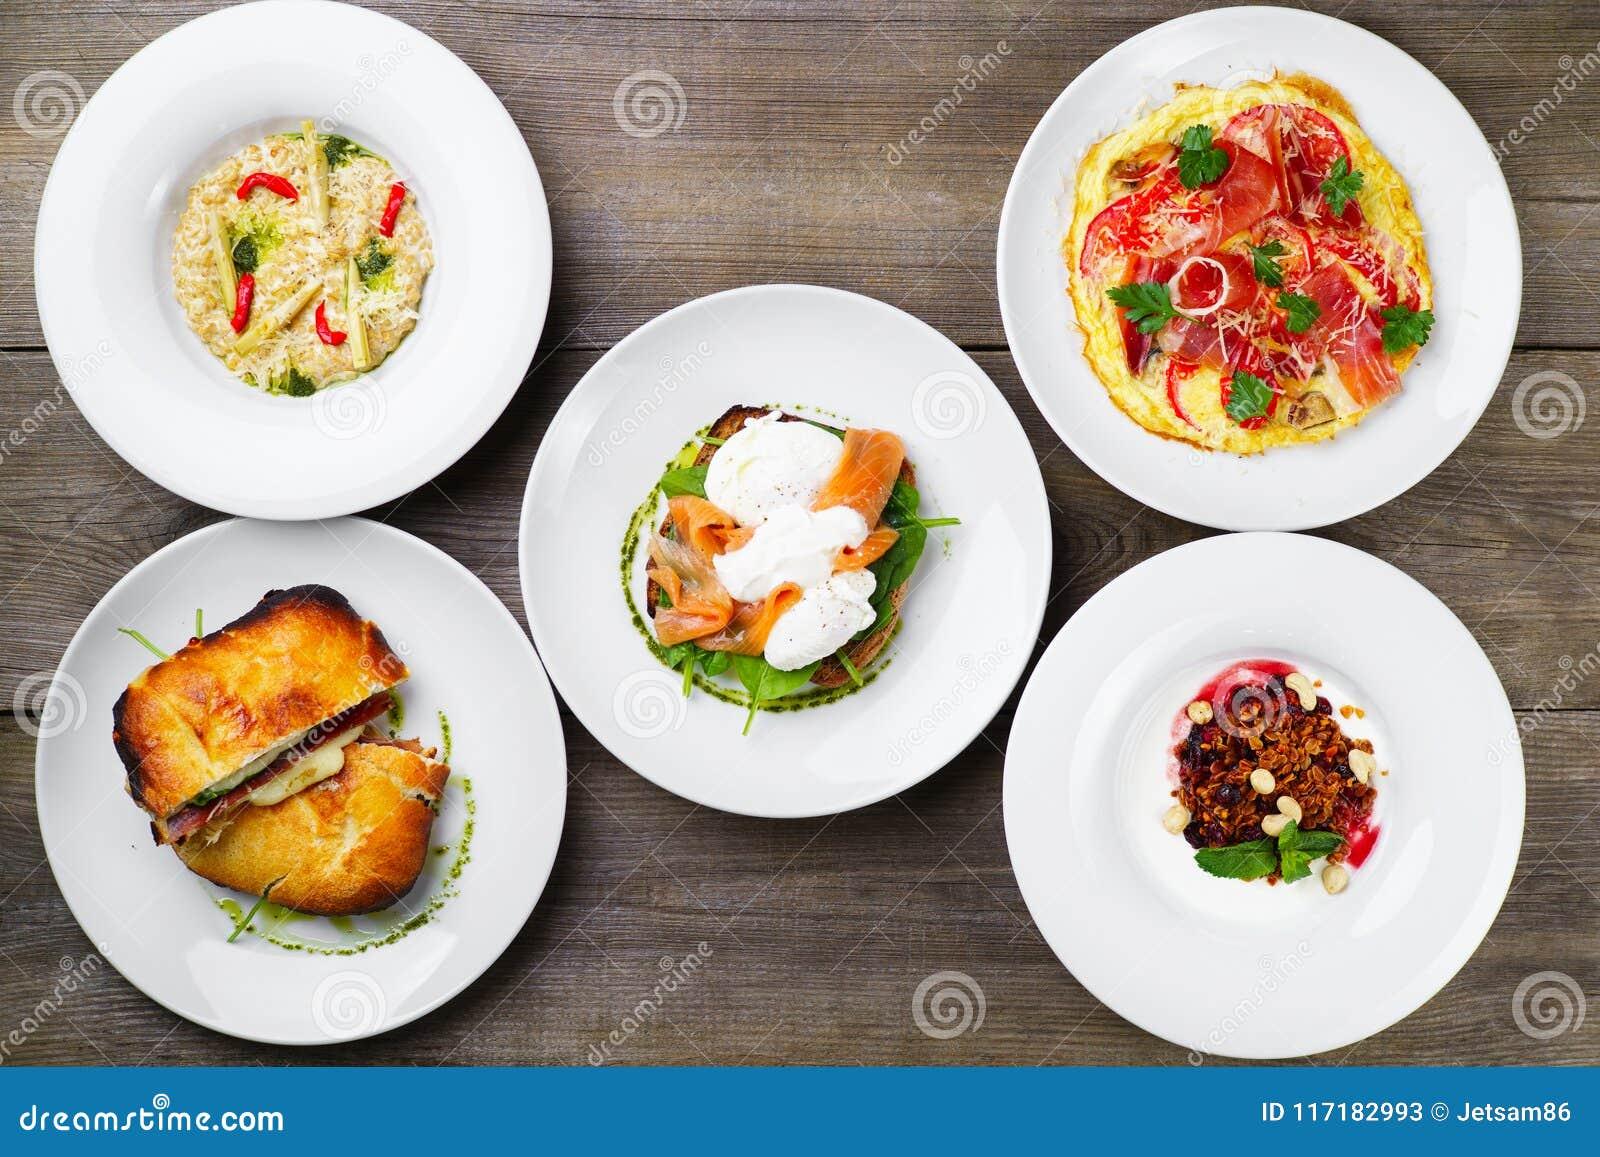 Разнообразие ед завтрака, фото меню ресторана